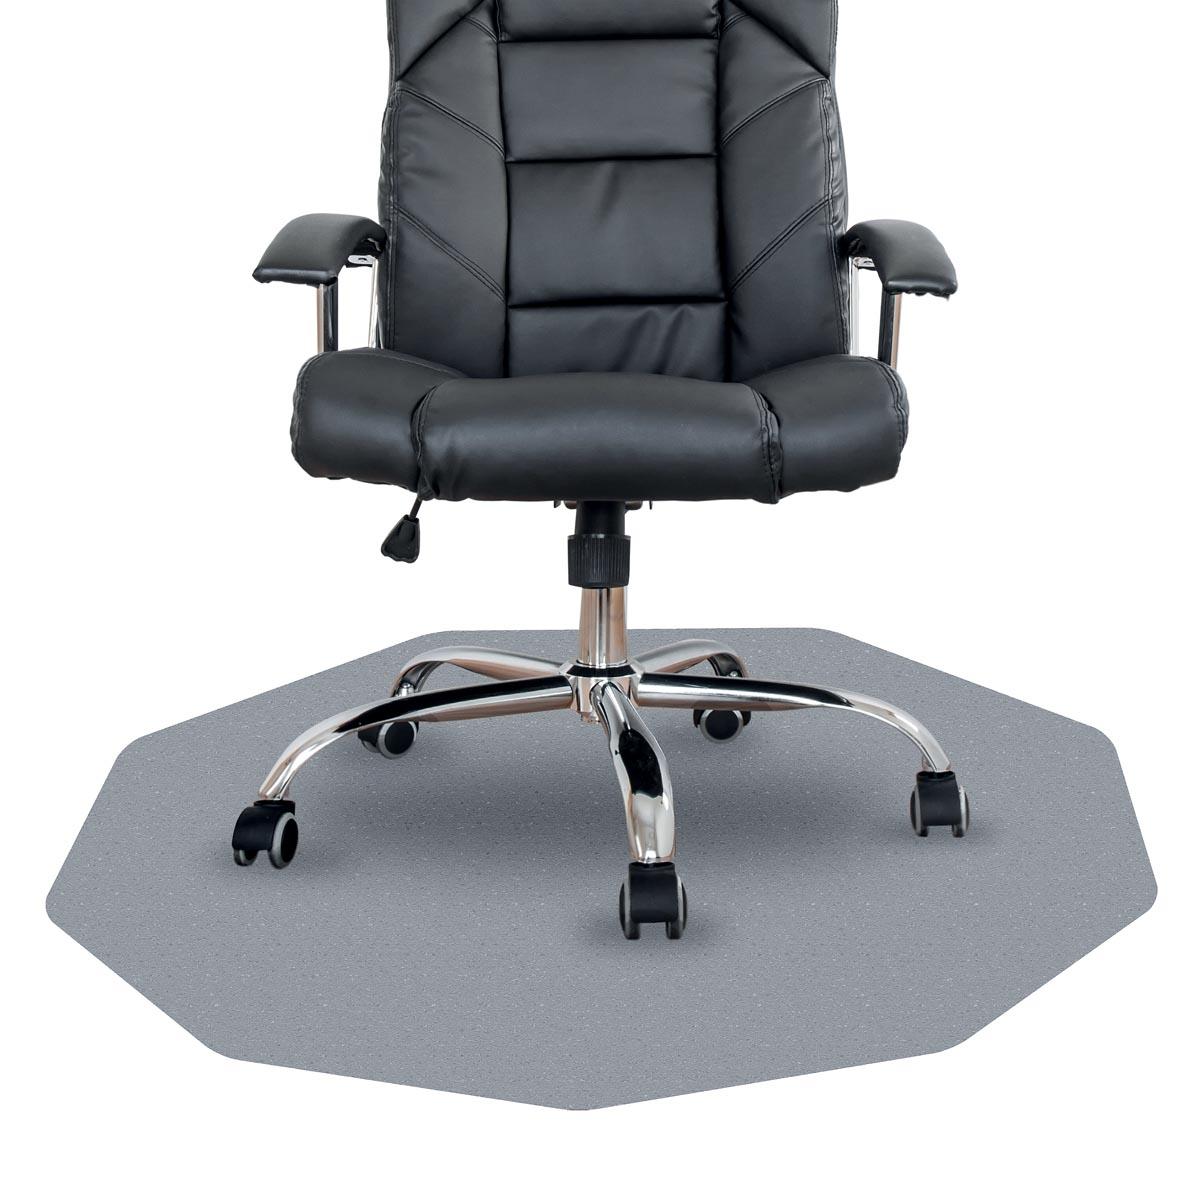 Cleartex vloermat Chairmat, 9-hoek, voor harde en solide oppervlakken, ft 98 x 98 cm